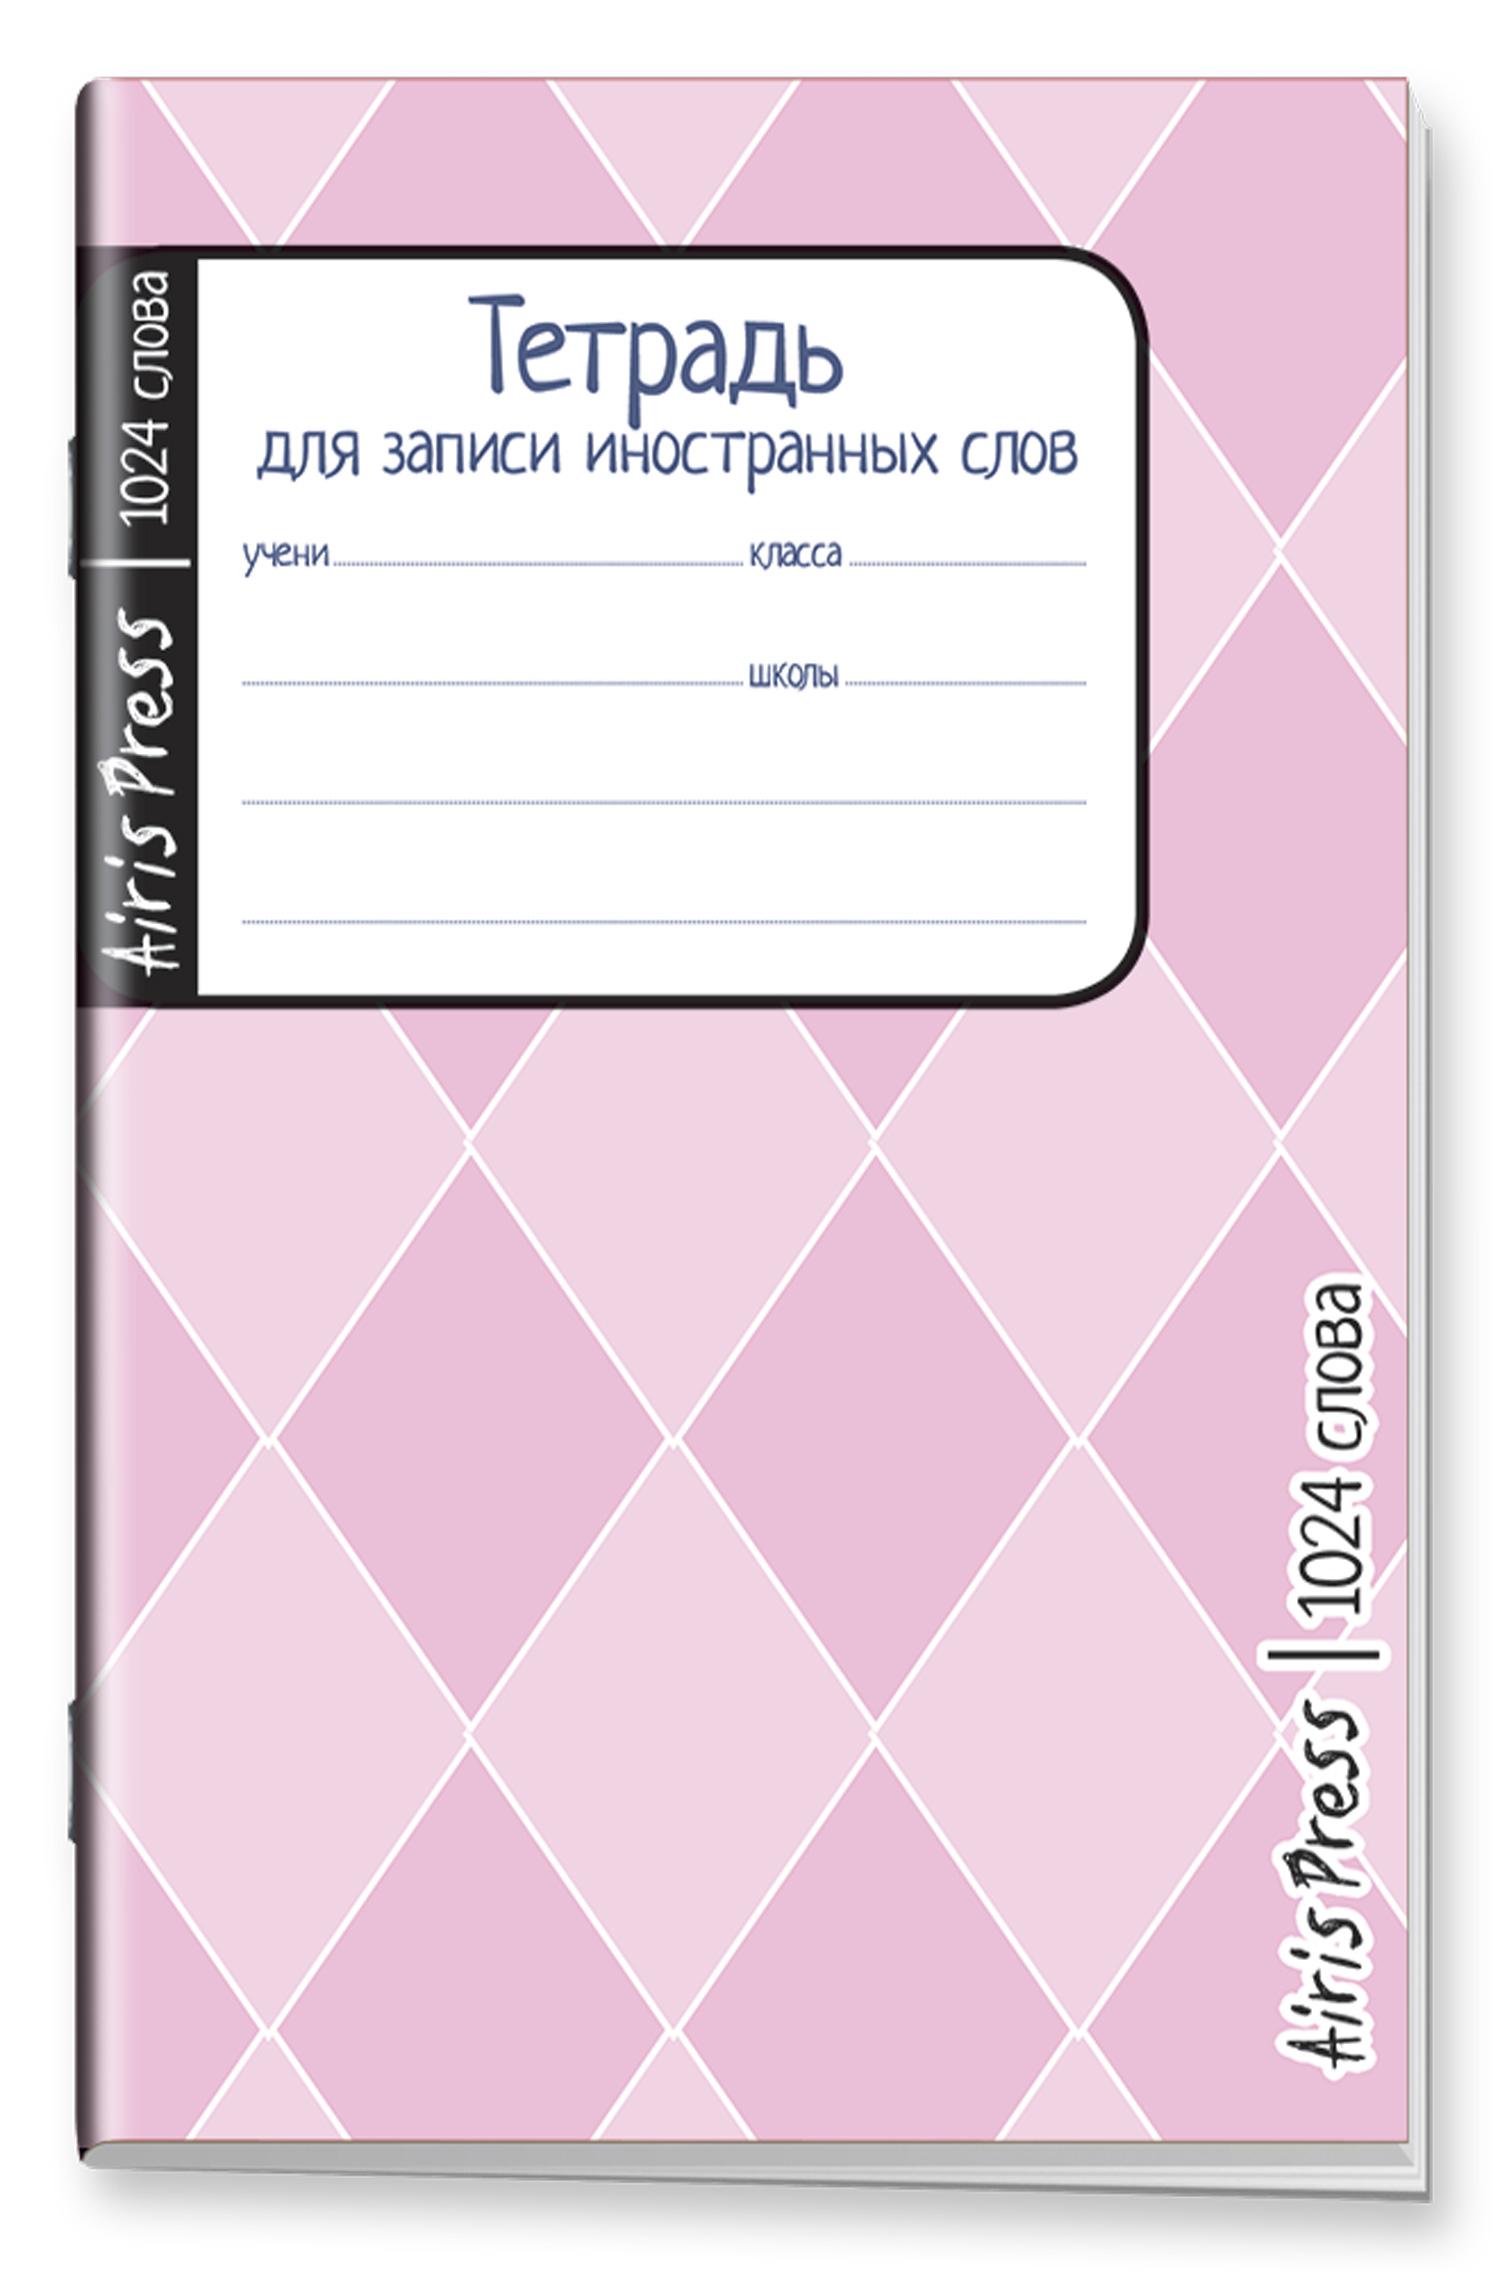 Тетрадь школьная для записи иностранных слов. Розовые ромбы